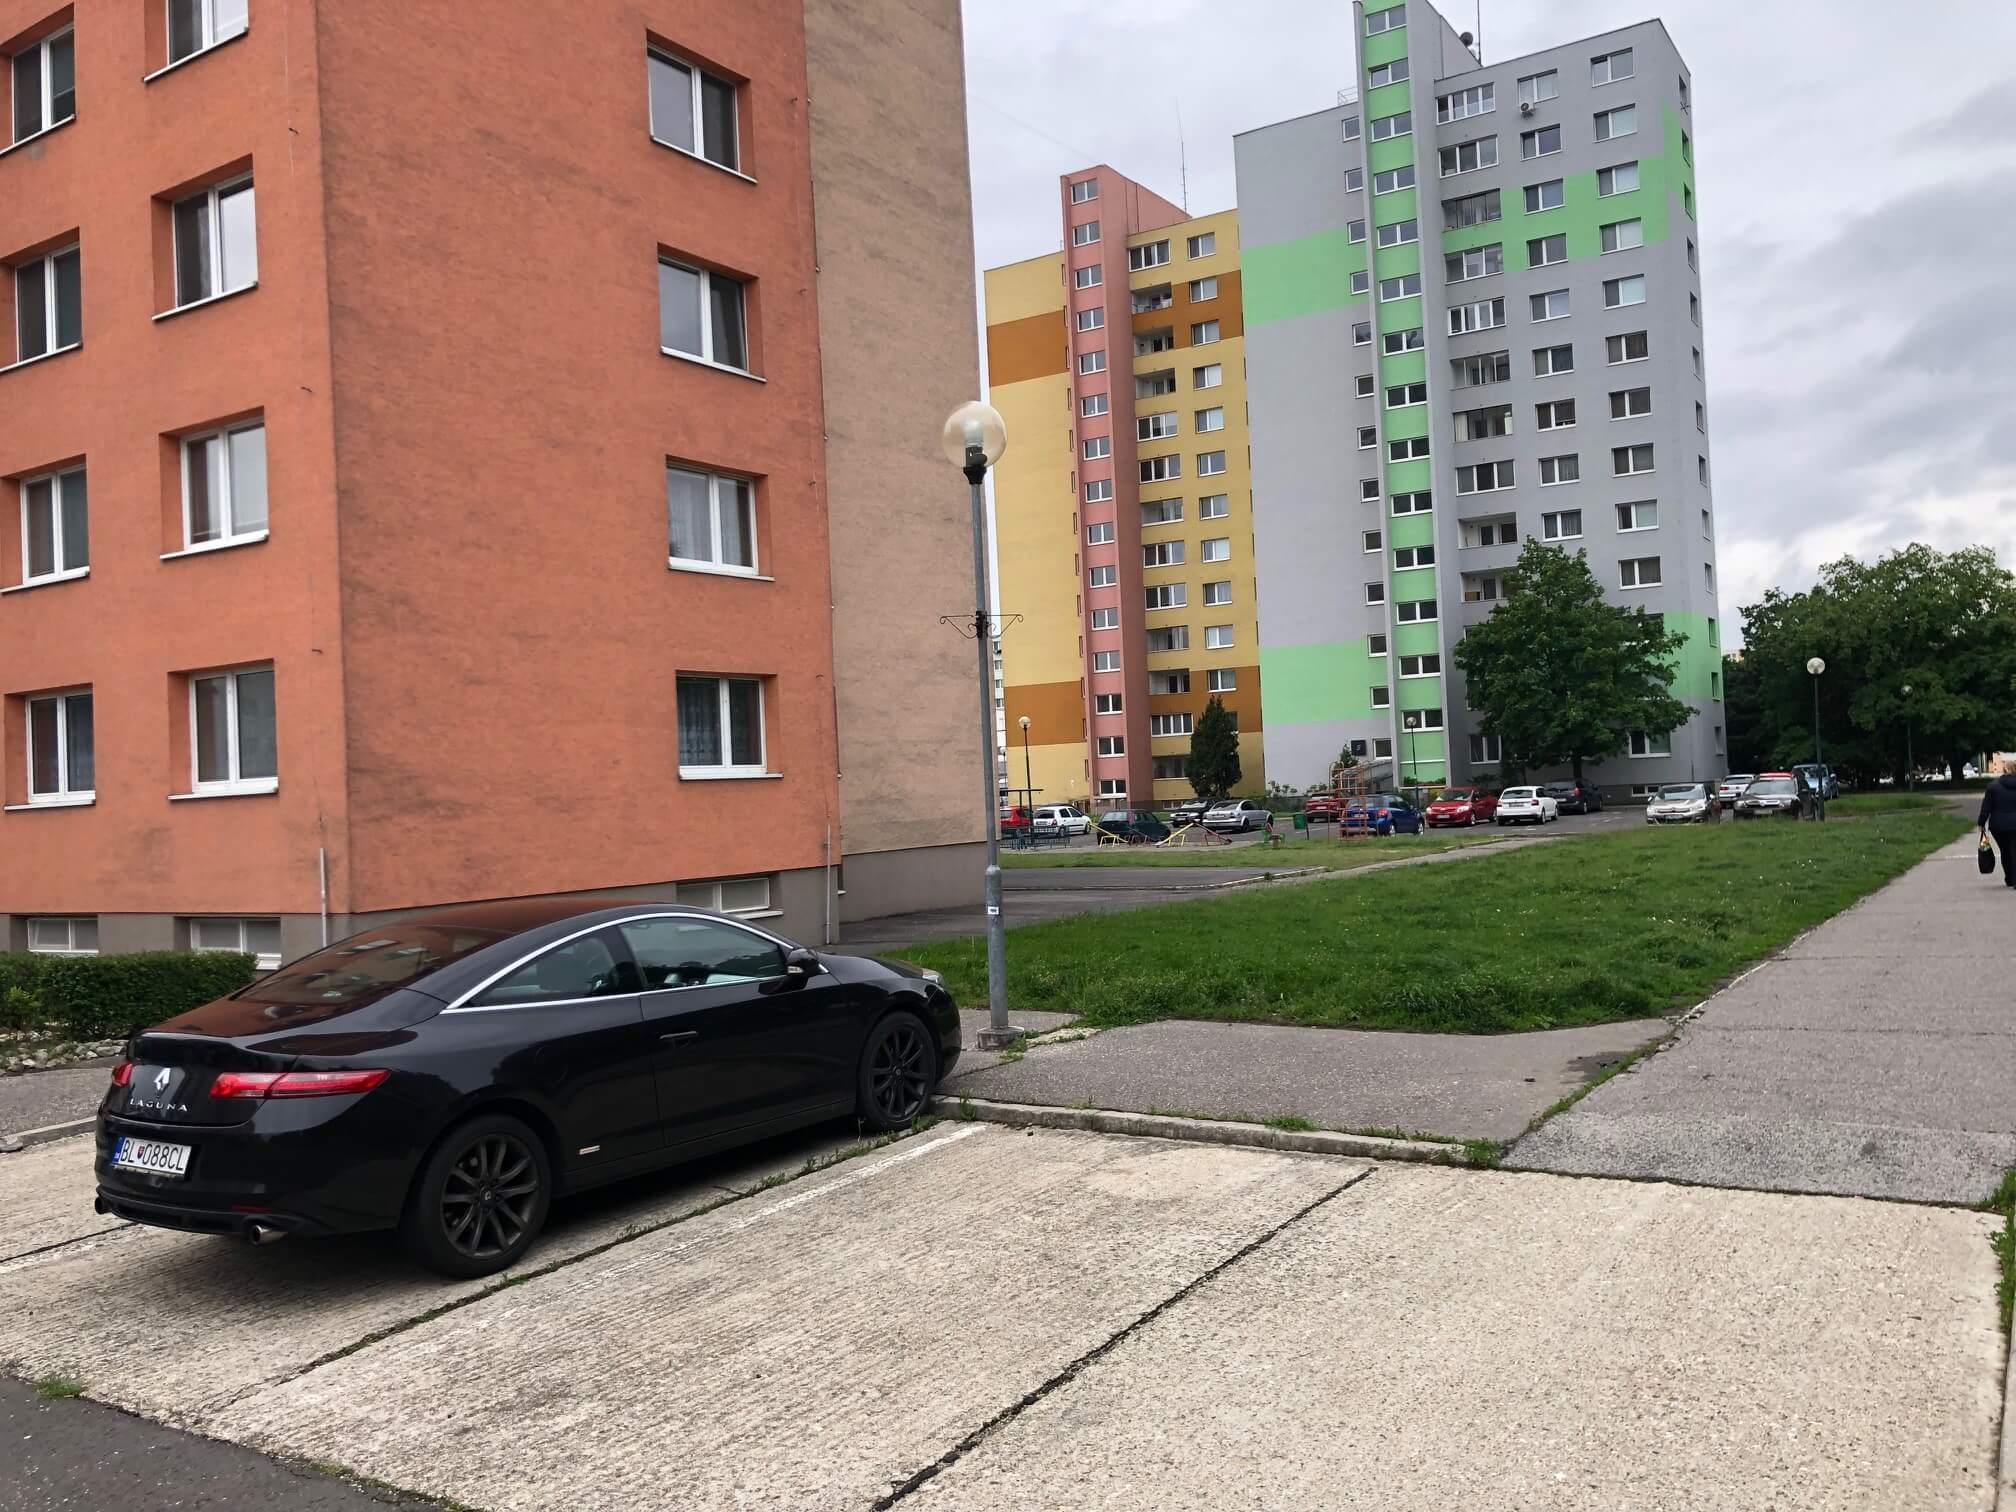 Predaný: 1 izbový byt, Ipeľská, Bratislava, 38m2, nízke náklady, parkovanie, vynikajúca občianska vybavenosť-25